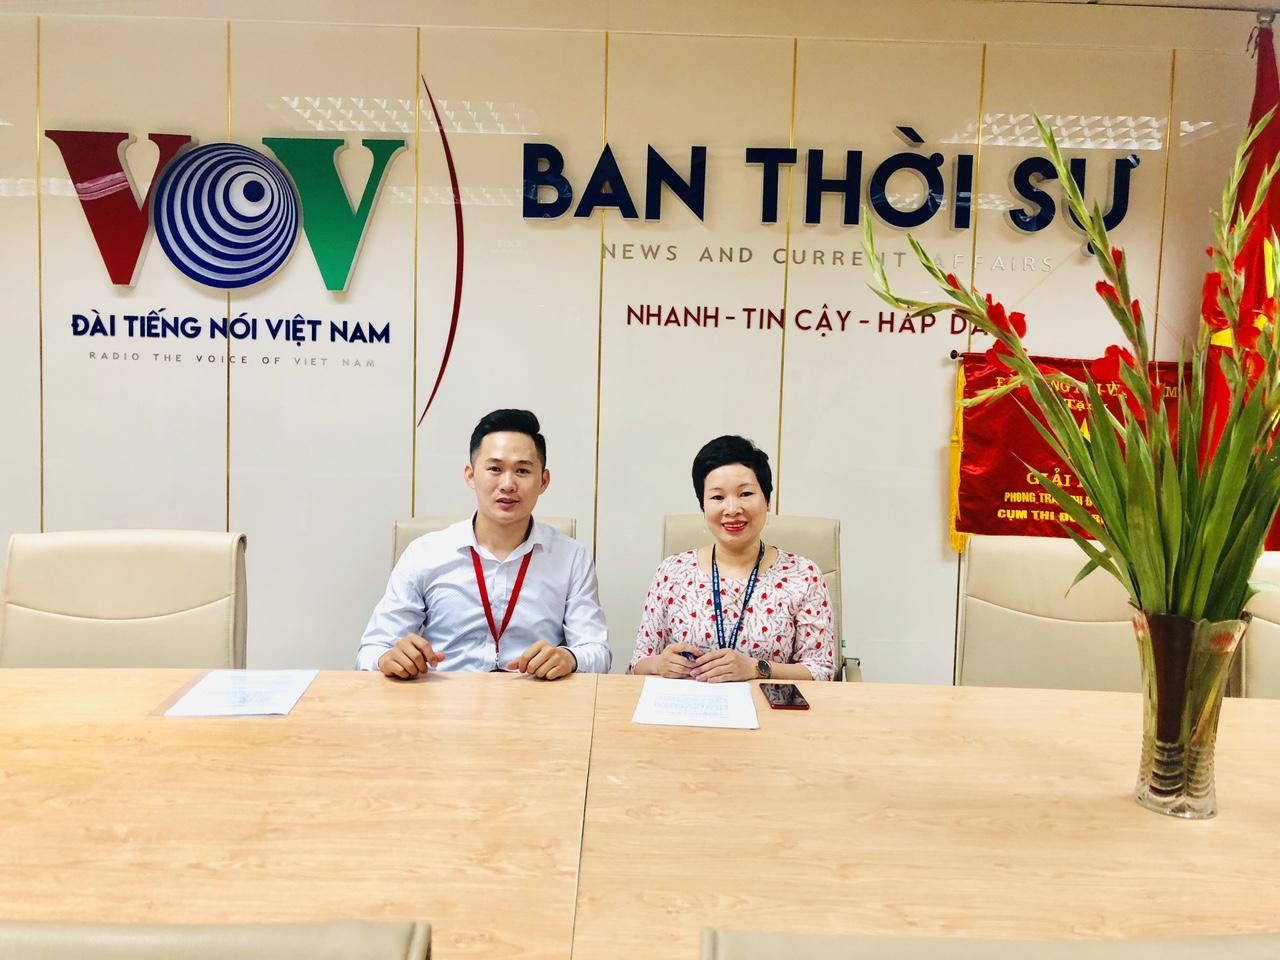 Thông tin du học tự túc tại Đài Loan (Trung Quốc) năm 2019 (15/3/2019)